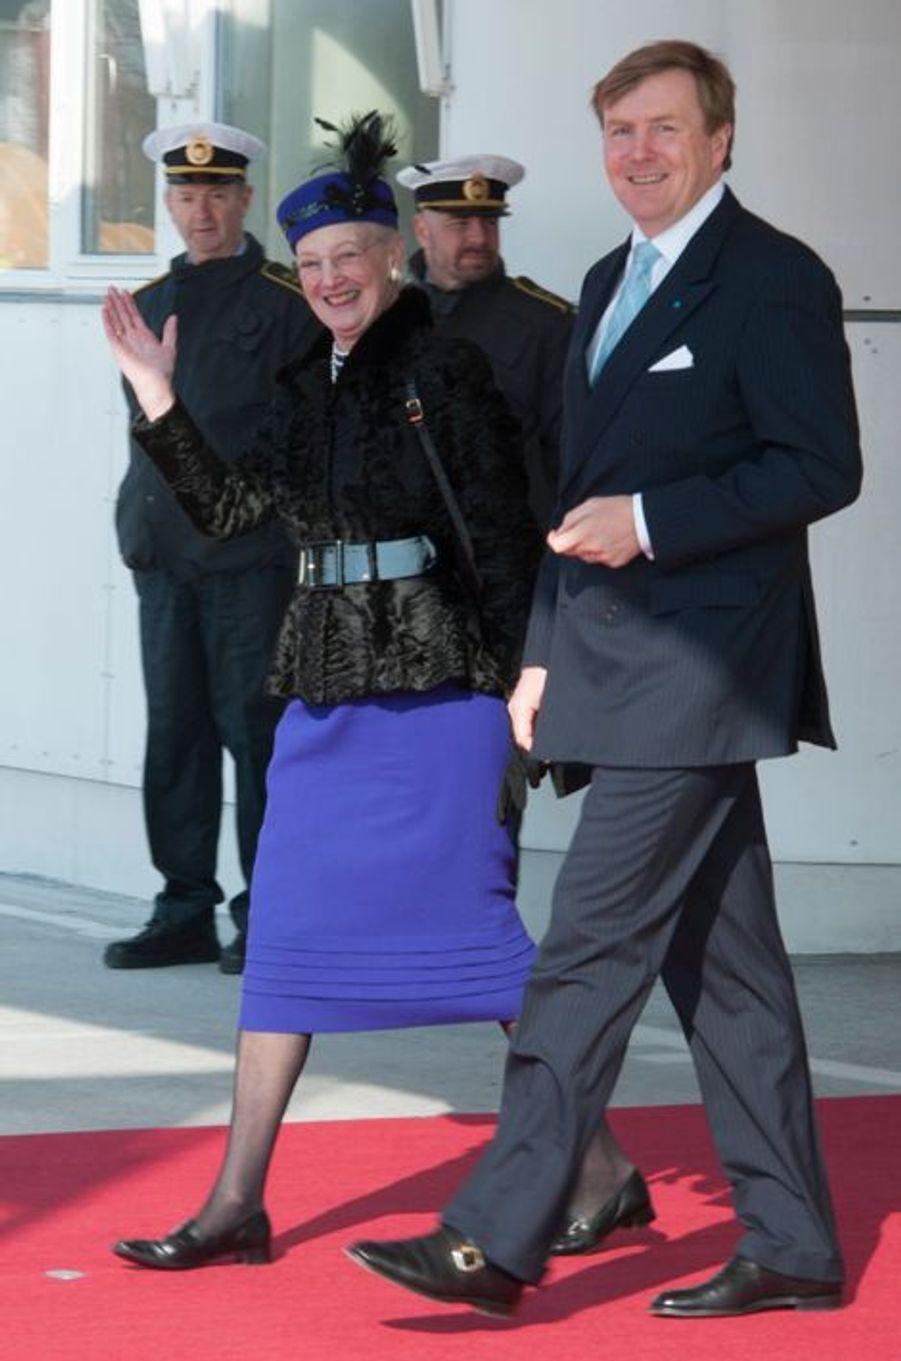 Le roi Willem-Alexander avec la reine Margrethe II de Danemark à l'aéroport de Copenhague, le 17 mars 2015